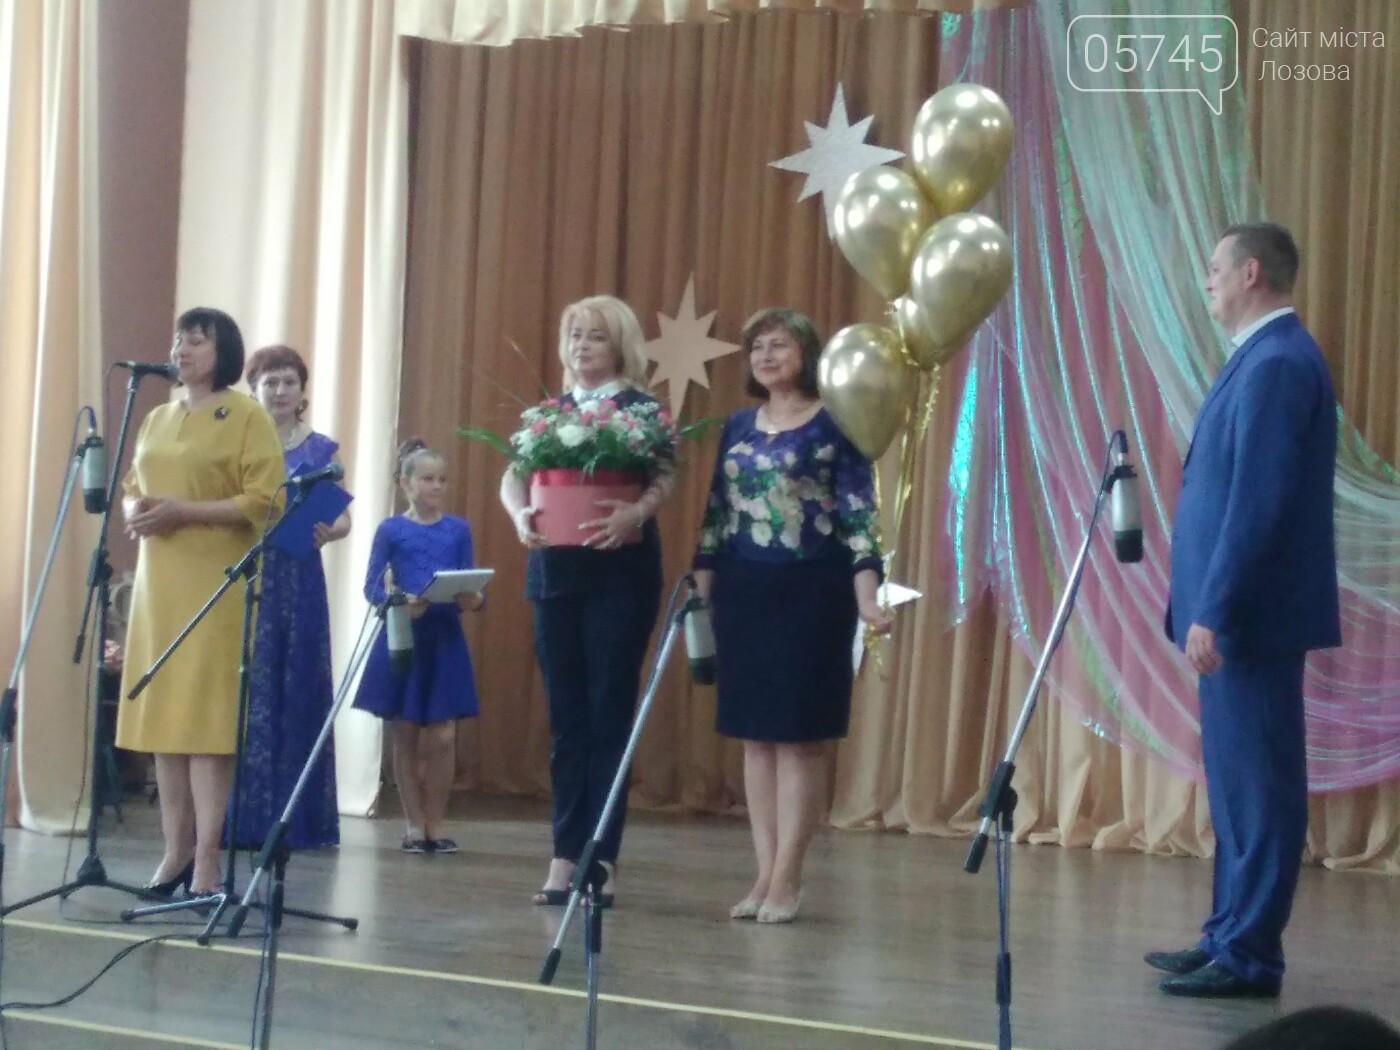 Панютинская детская музыкальная школа отметила 50-летний юбилей, фото-10